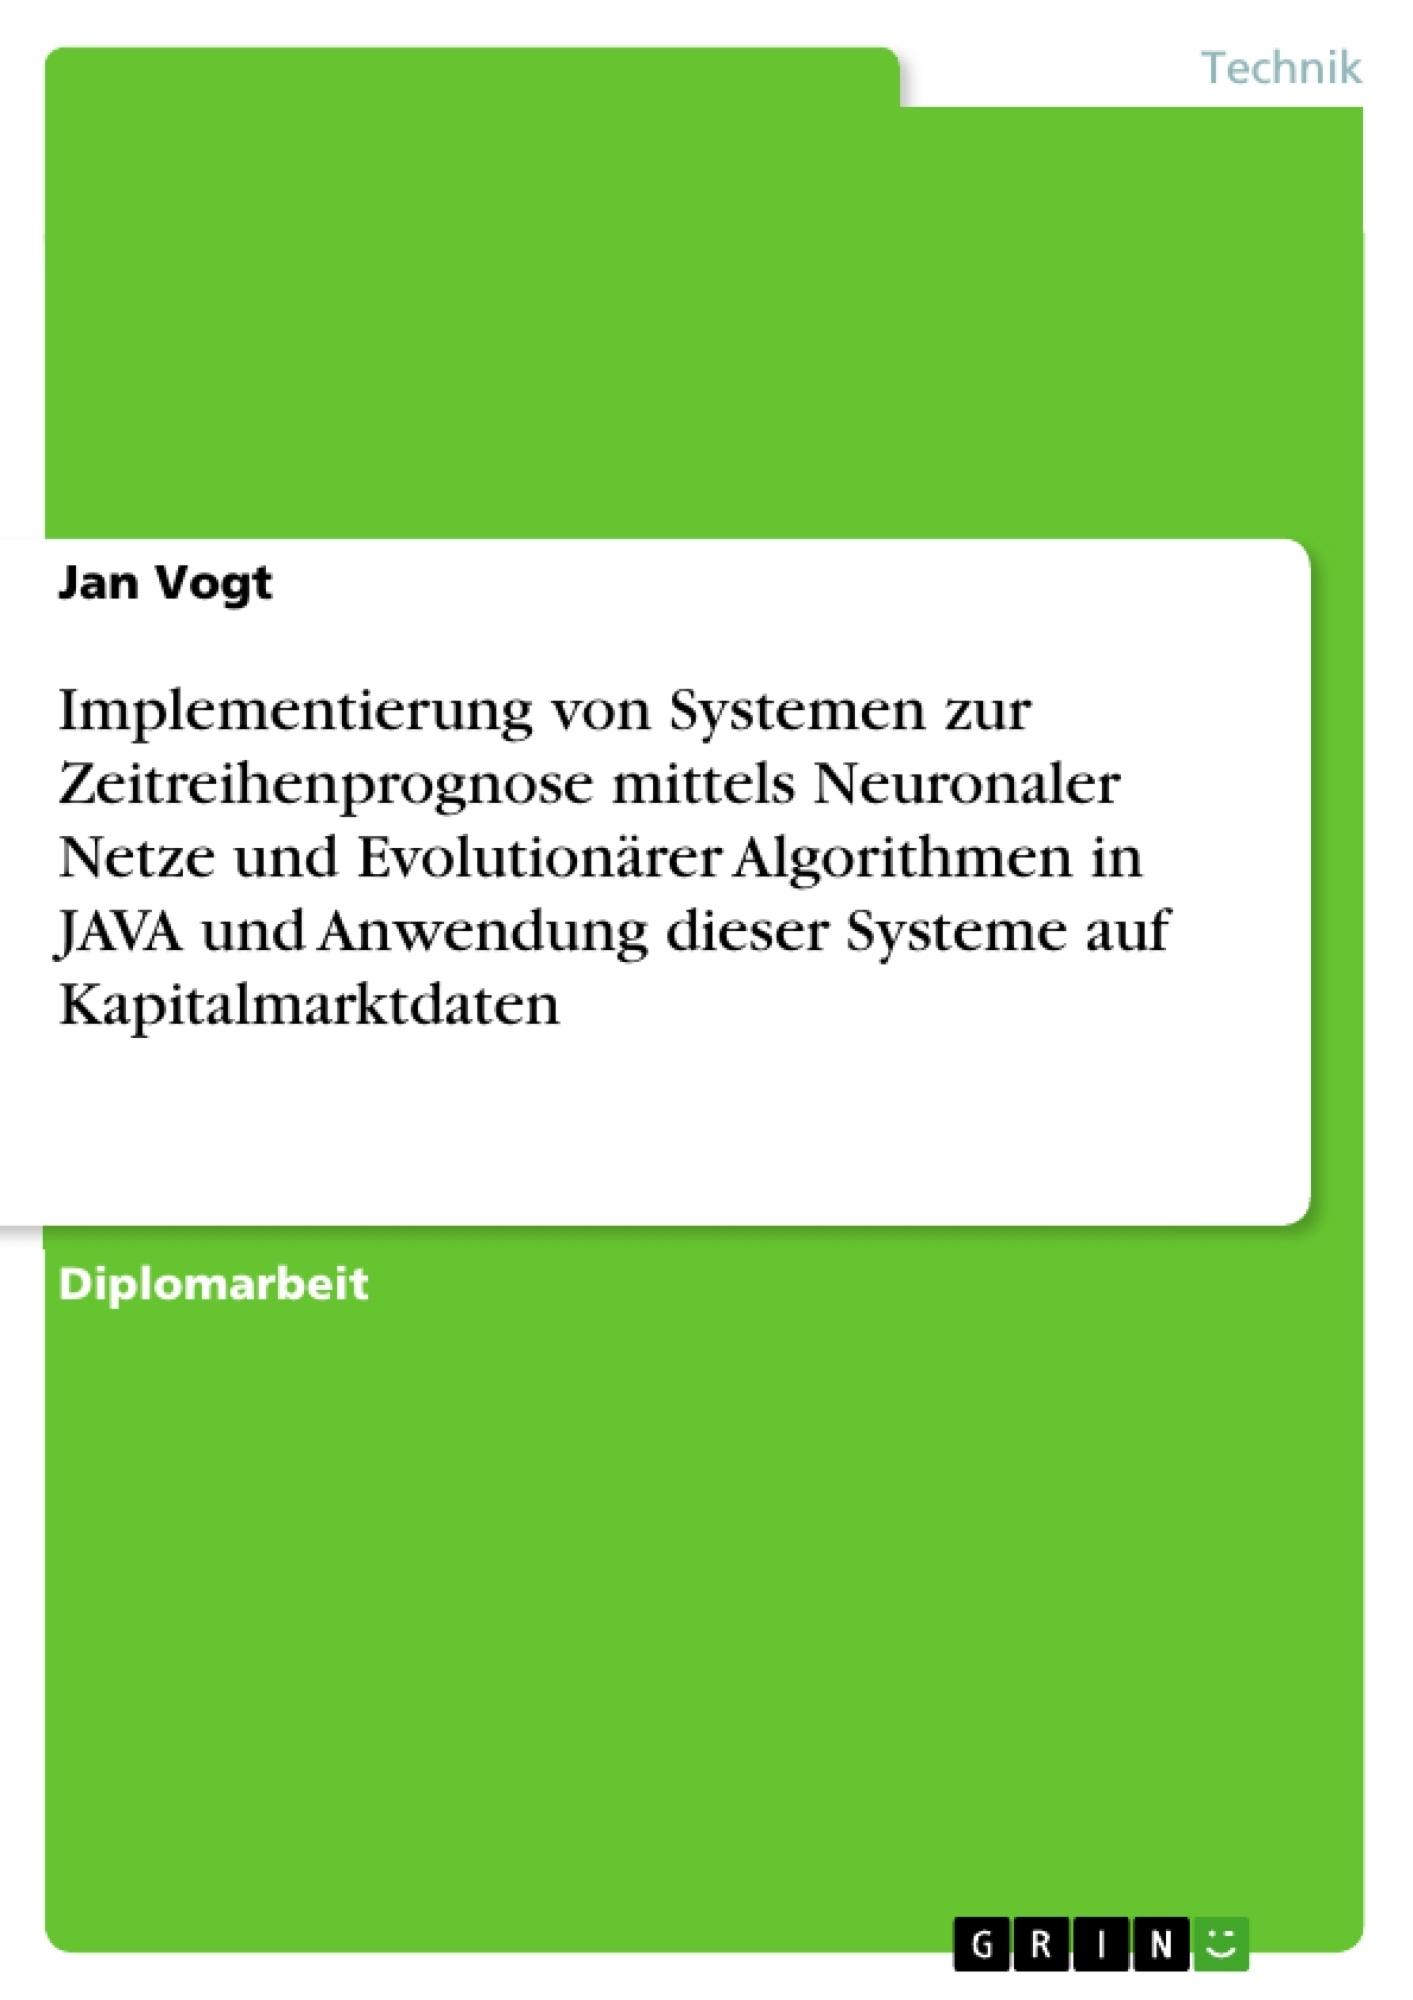 Titel: Implementierung von Systemen zur Zeitreihenprognose mittels Neuronaler Netze und Evolutionärer Algorithmen in JAVA und Anwendung dieser Systeme auf Kapitalmarktdaten